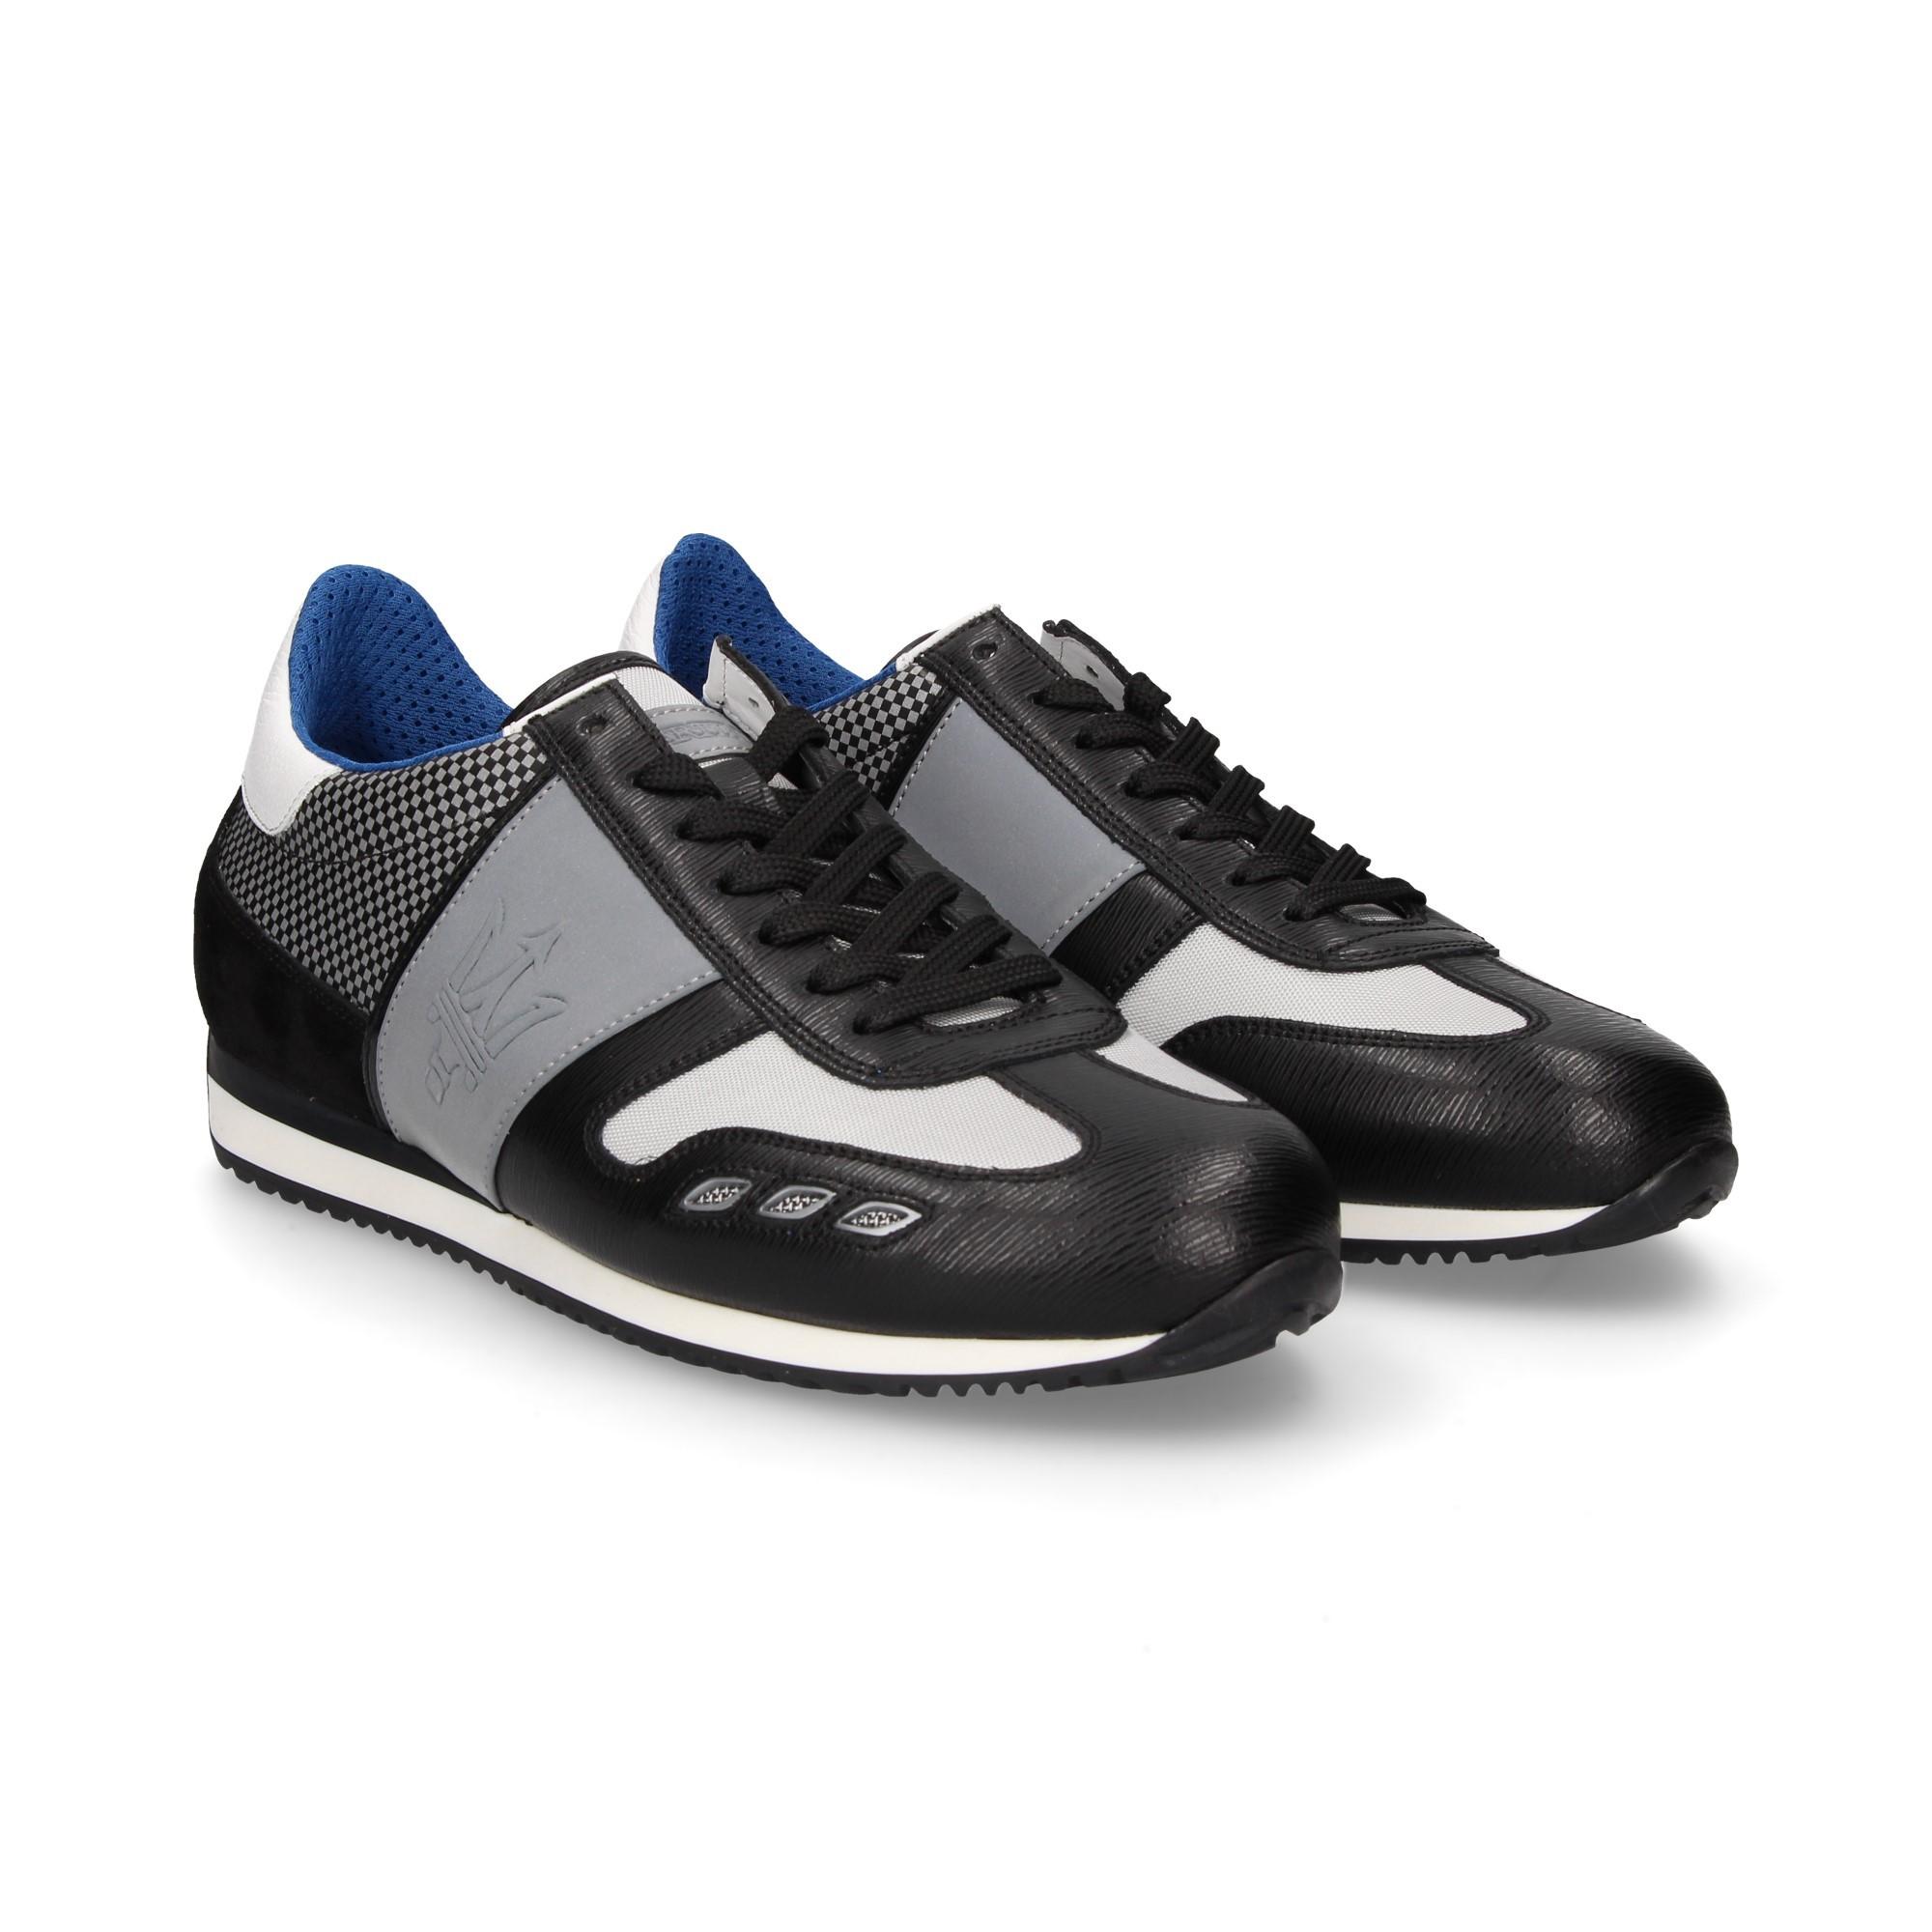 LA MARTINA Men's sneakers L5095240